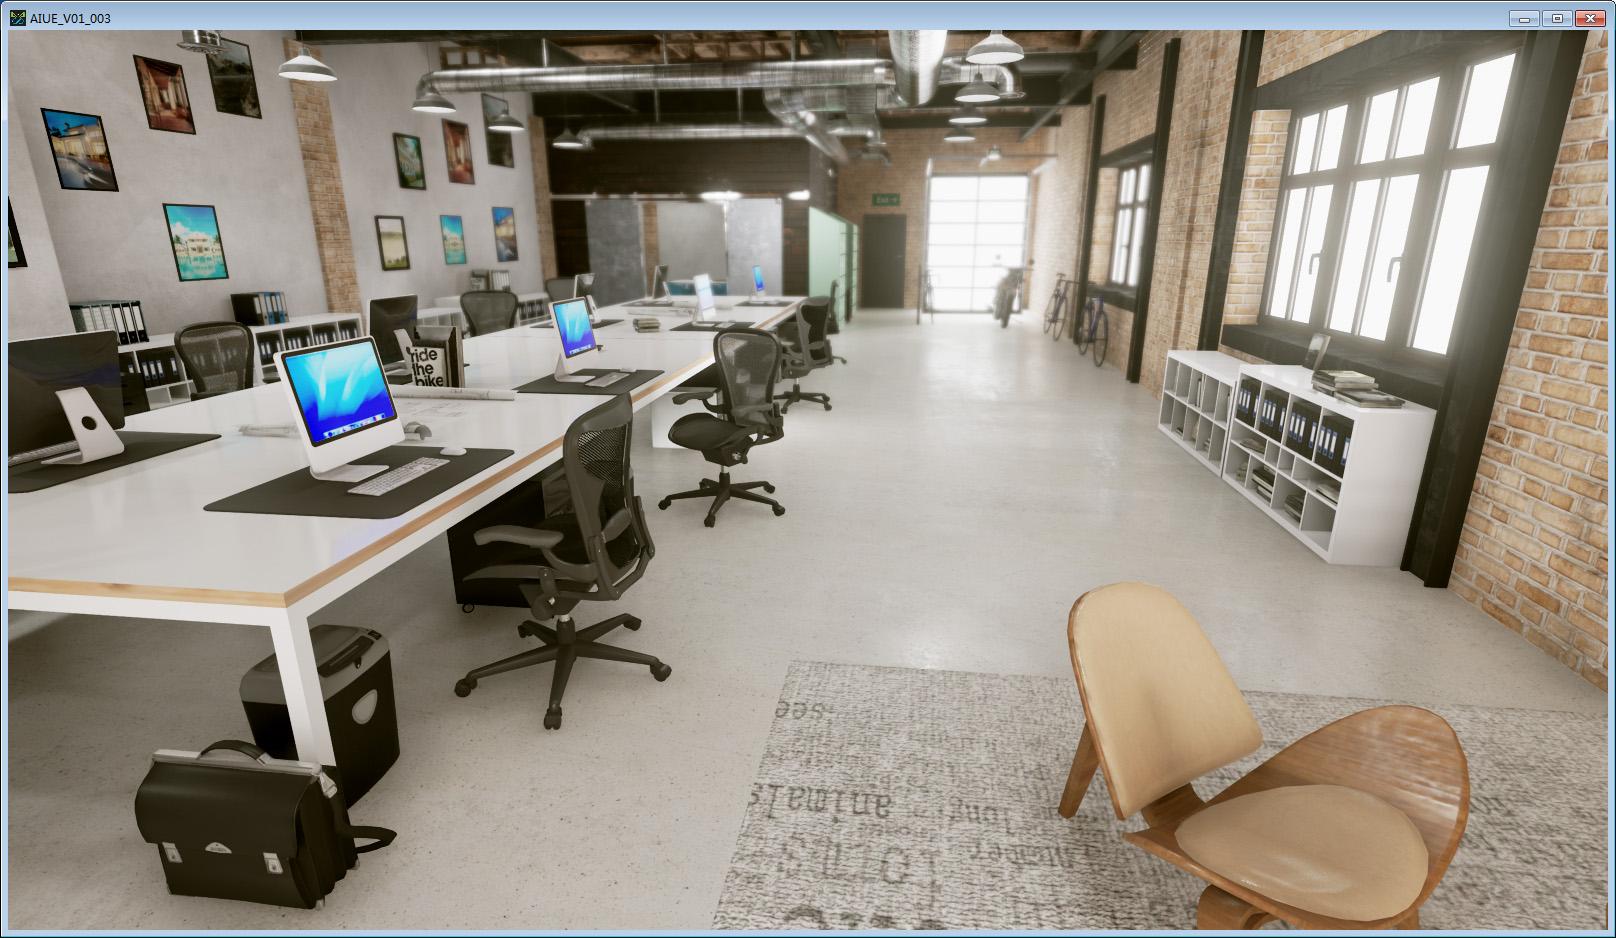 某基地三维电子沙盘VR互动系统